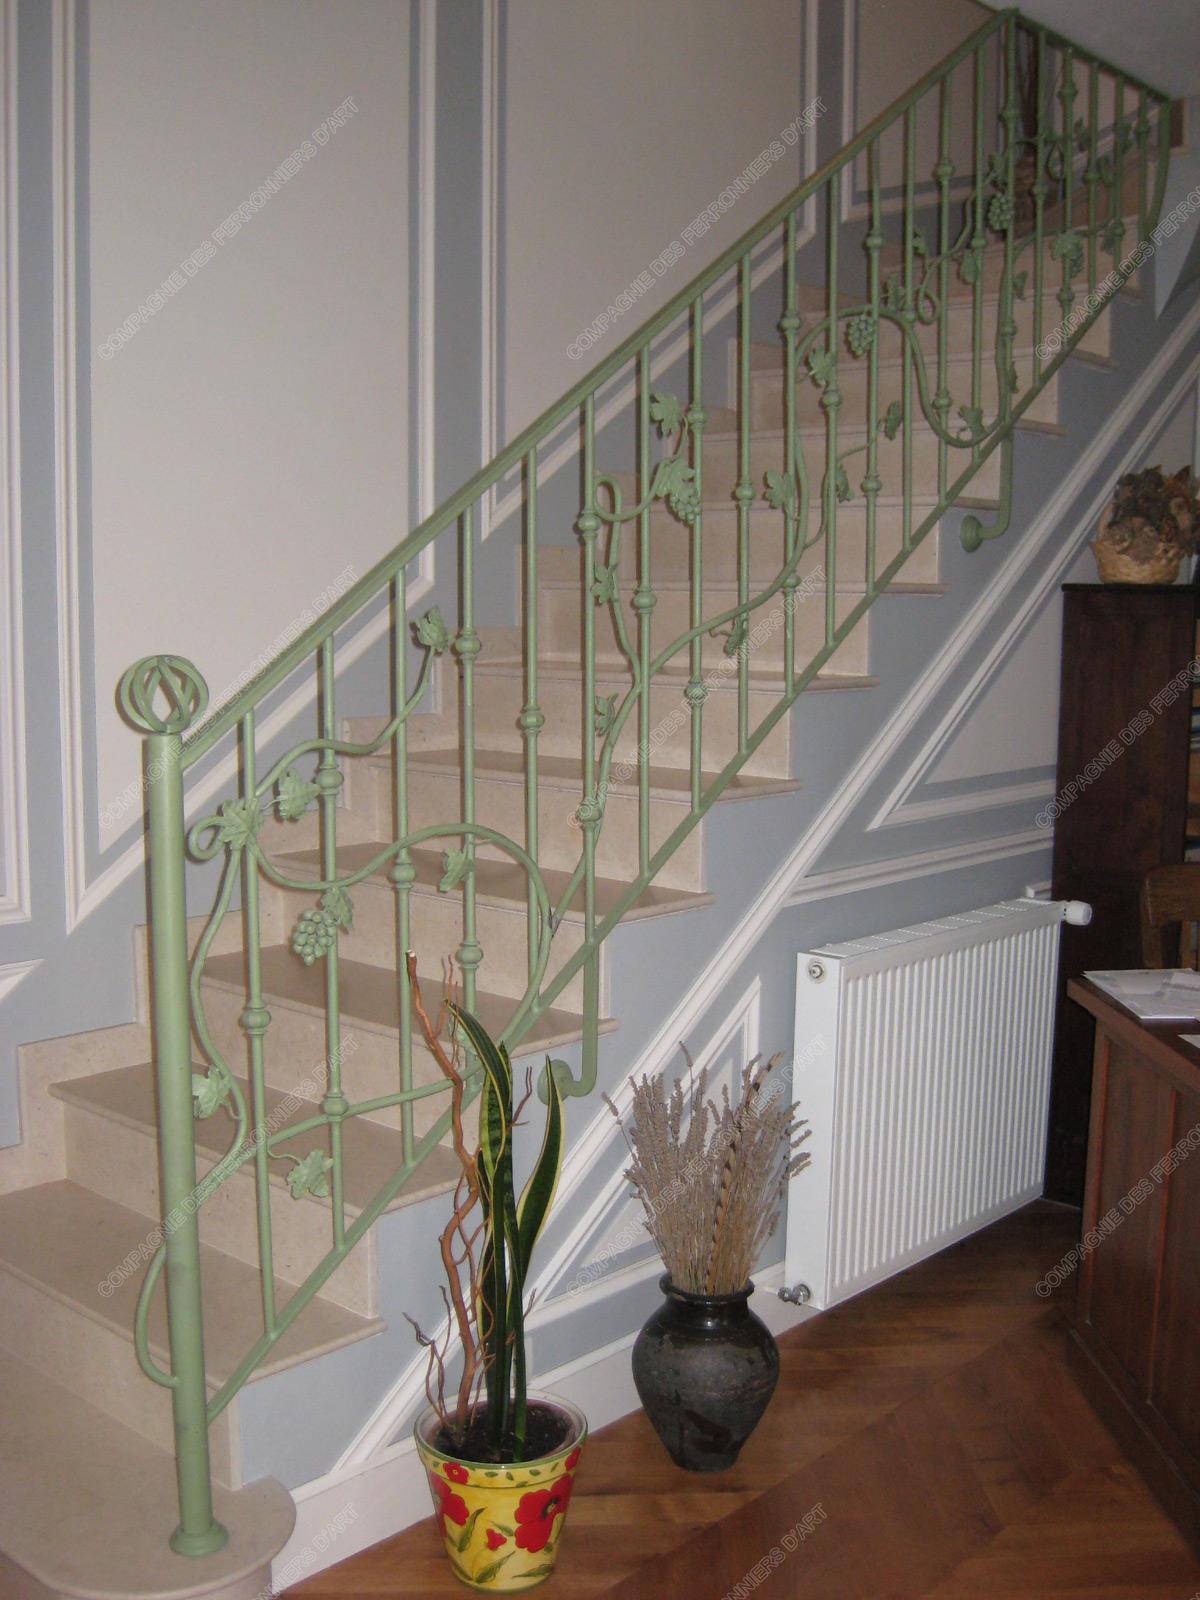 rampes d 39 escalier en fer forg floral et v g tal mod le bourgogne. Black Bedroom Furniture Sets. Home Design Ideas